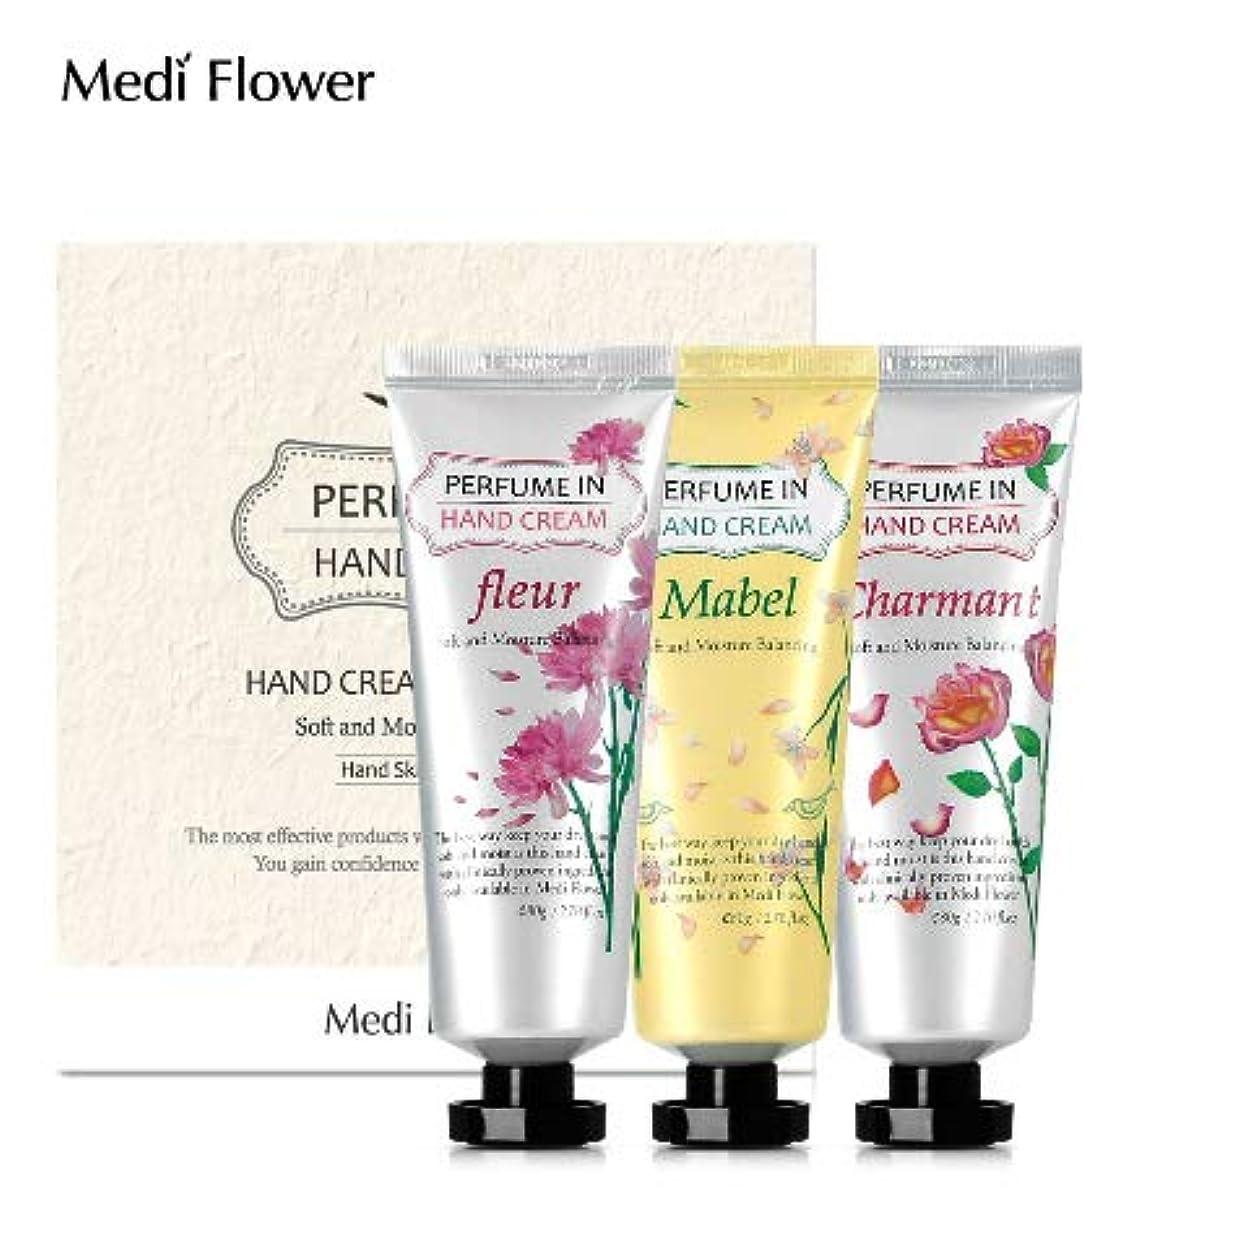 ノベルティどれか露骨な[MediFlower] パフュームインハンドクリーム?スペシャルセット 80g x 3個セット / Perfume Hand Cream Specail Set